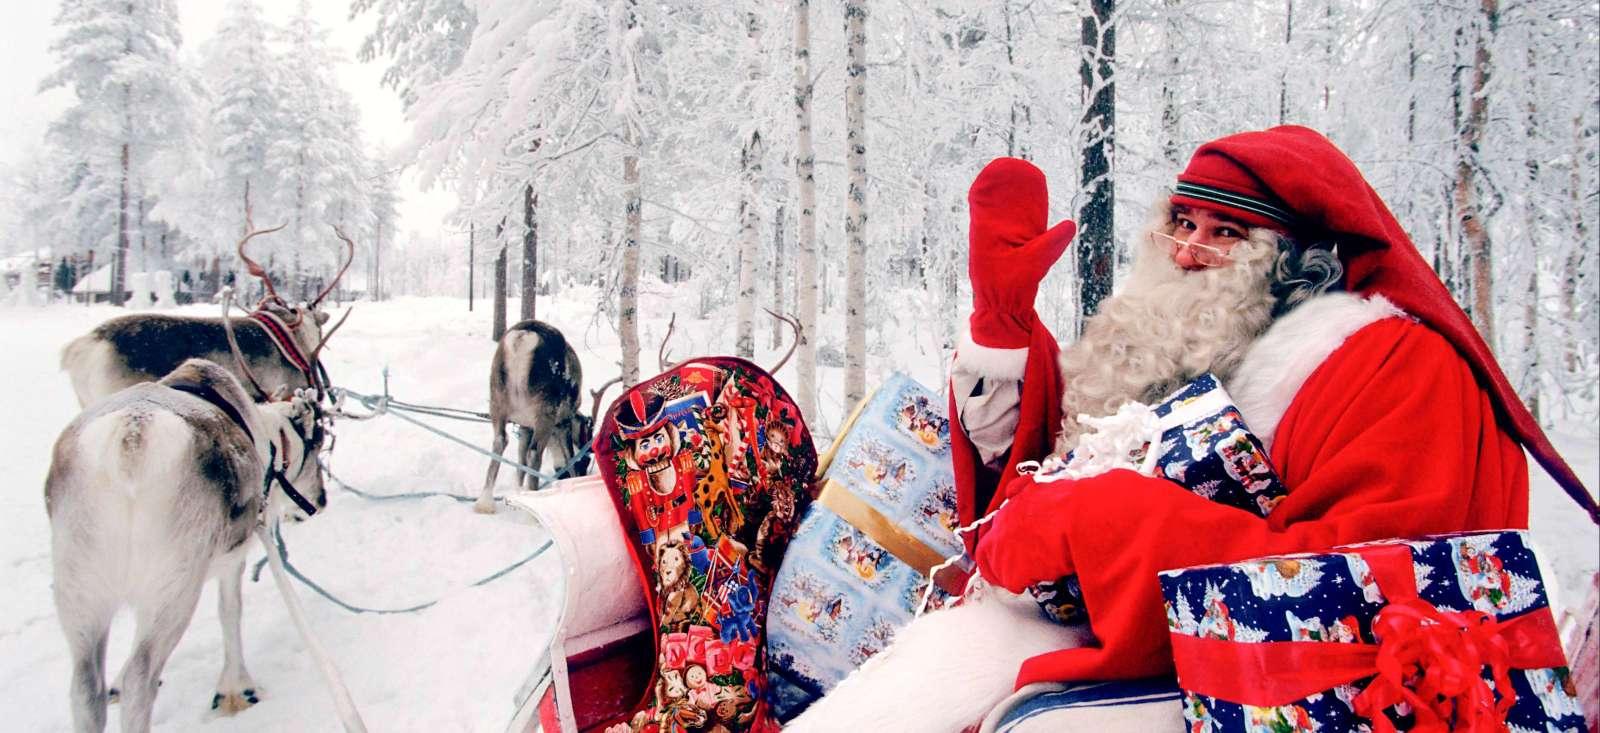 Voyage à pied : Bienvenue au pays du Père Noel